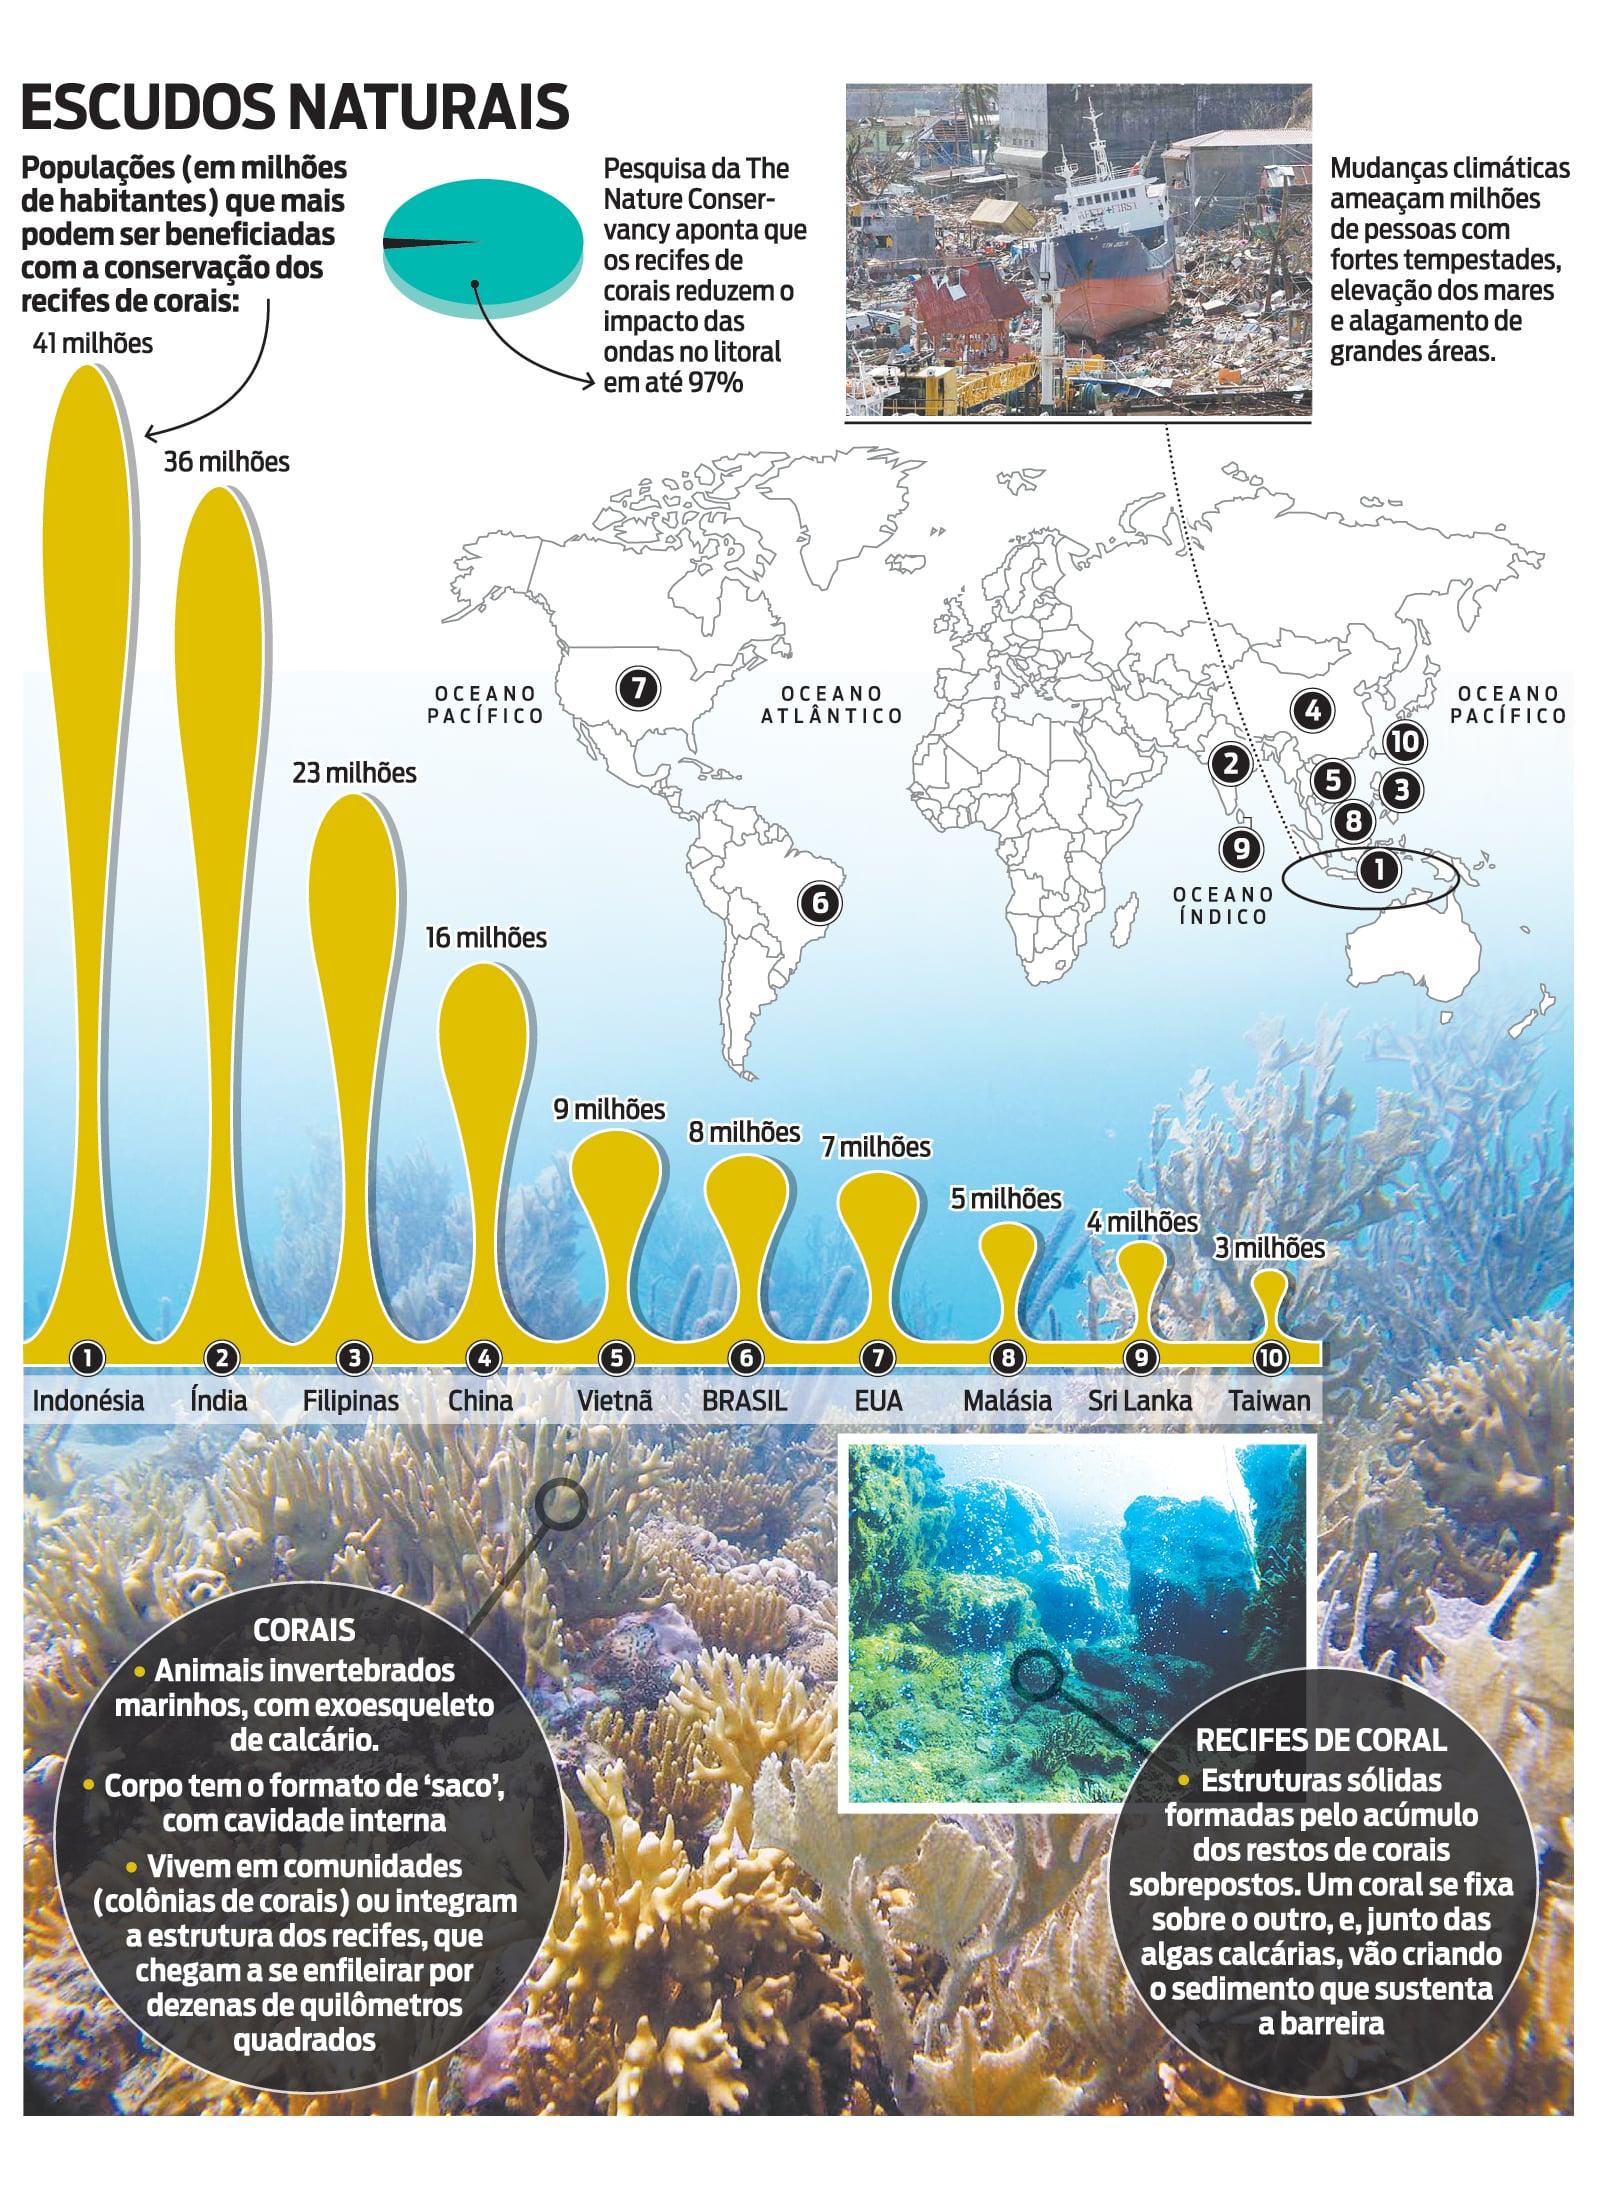 Corais ajudam a protejer cidades costeiras